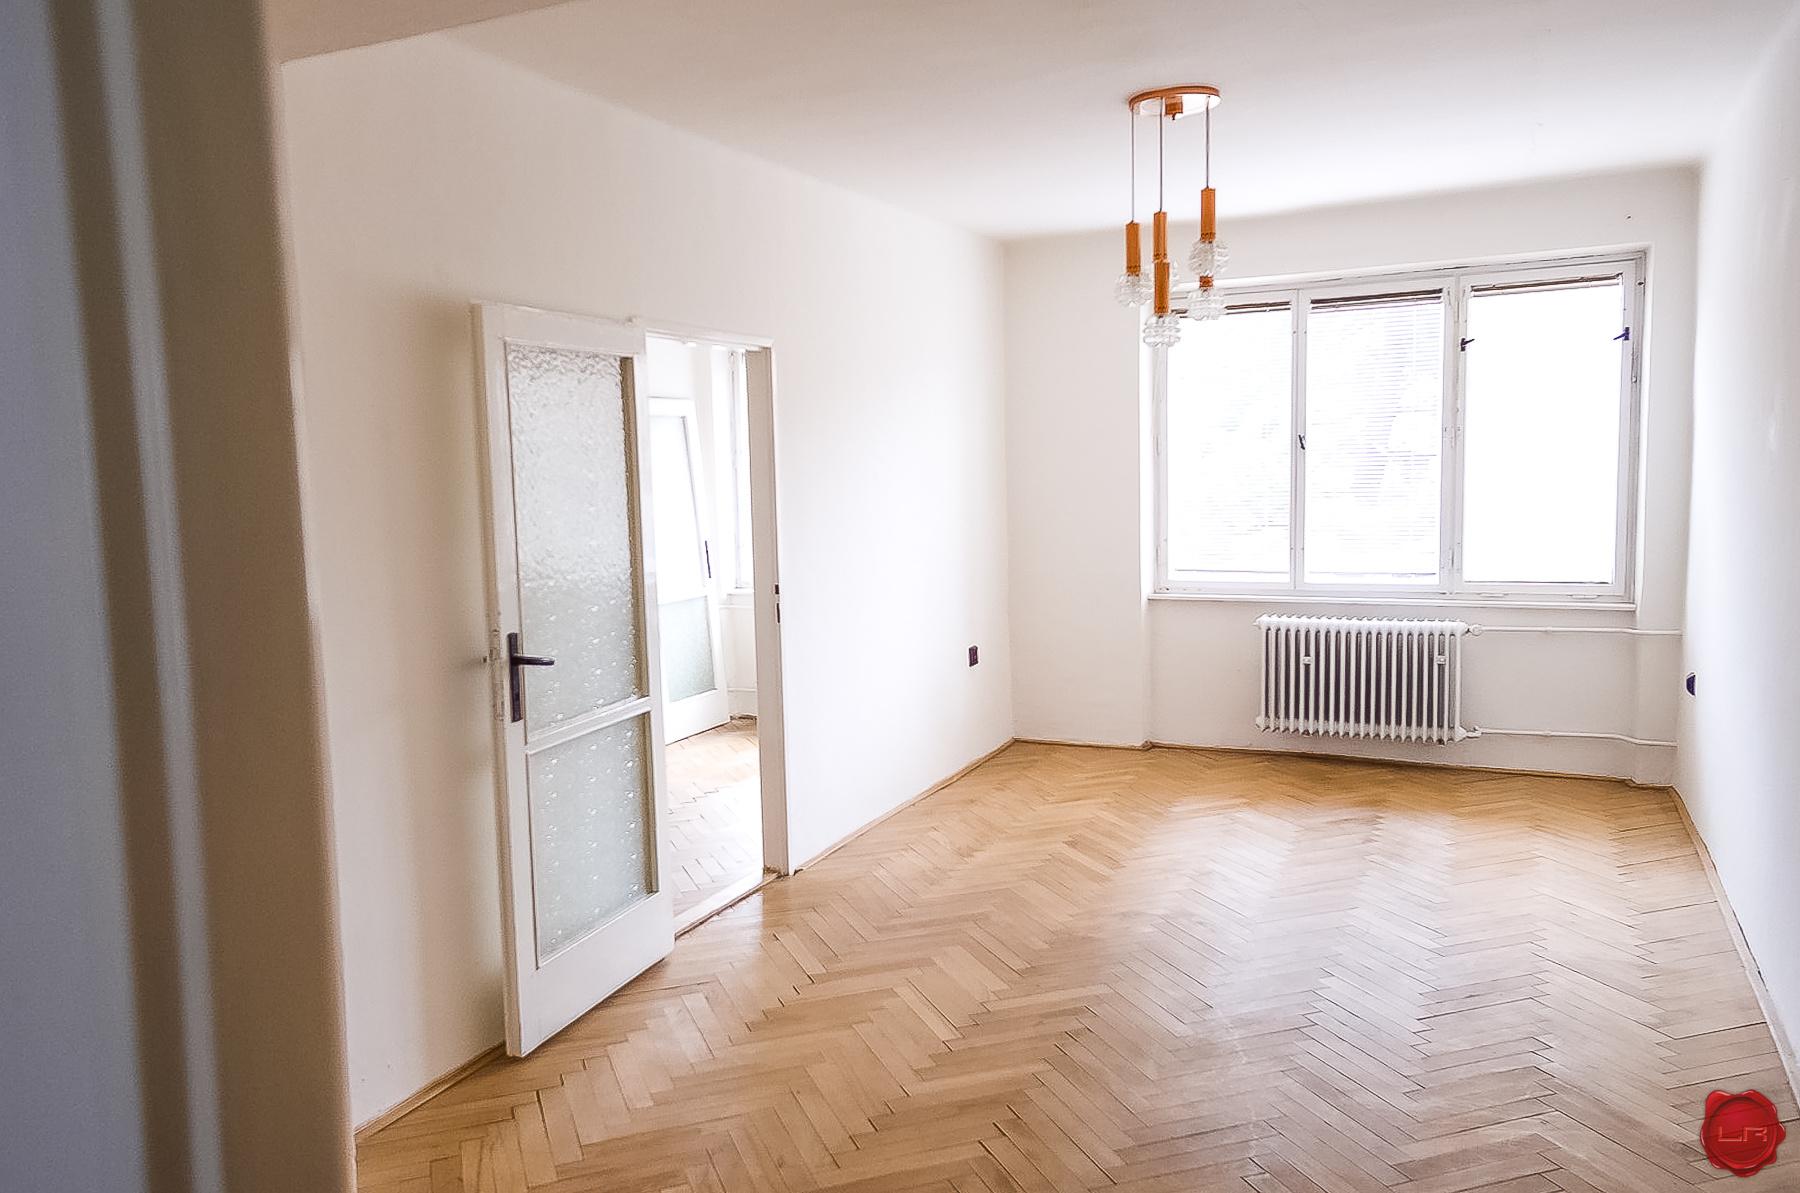 Byt 3+1 (60 m2) centrum mesta Spišská Nová Ves